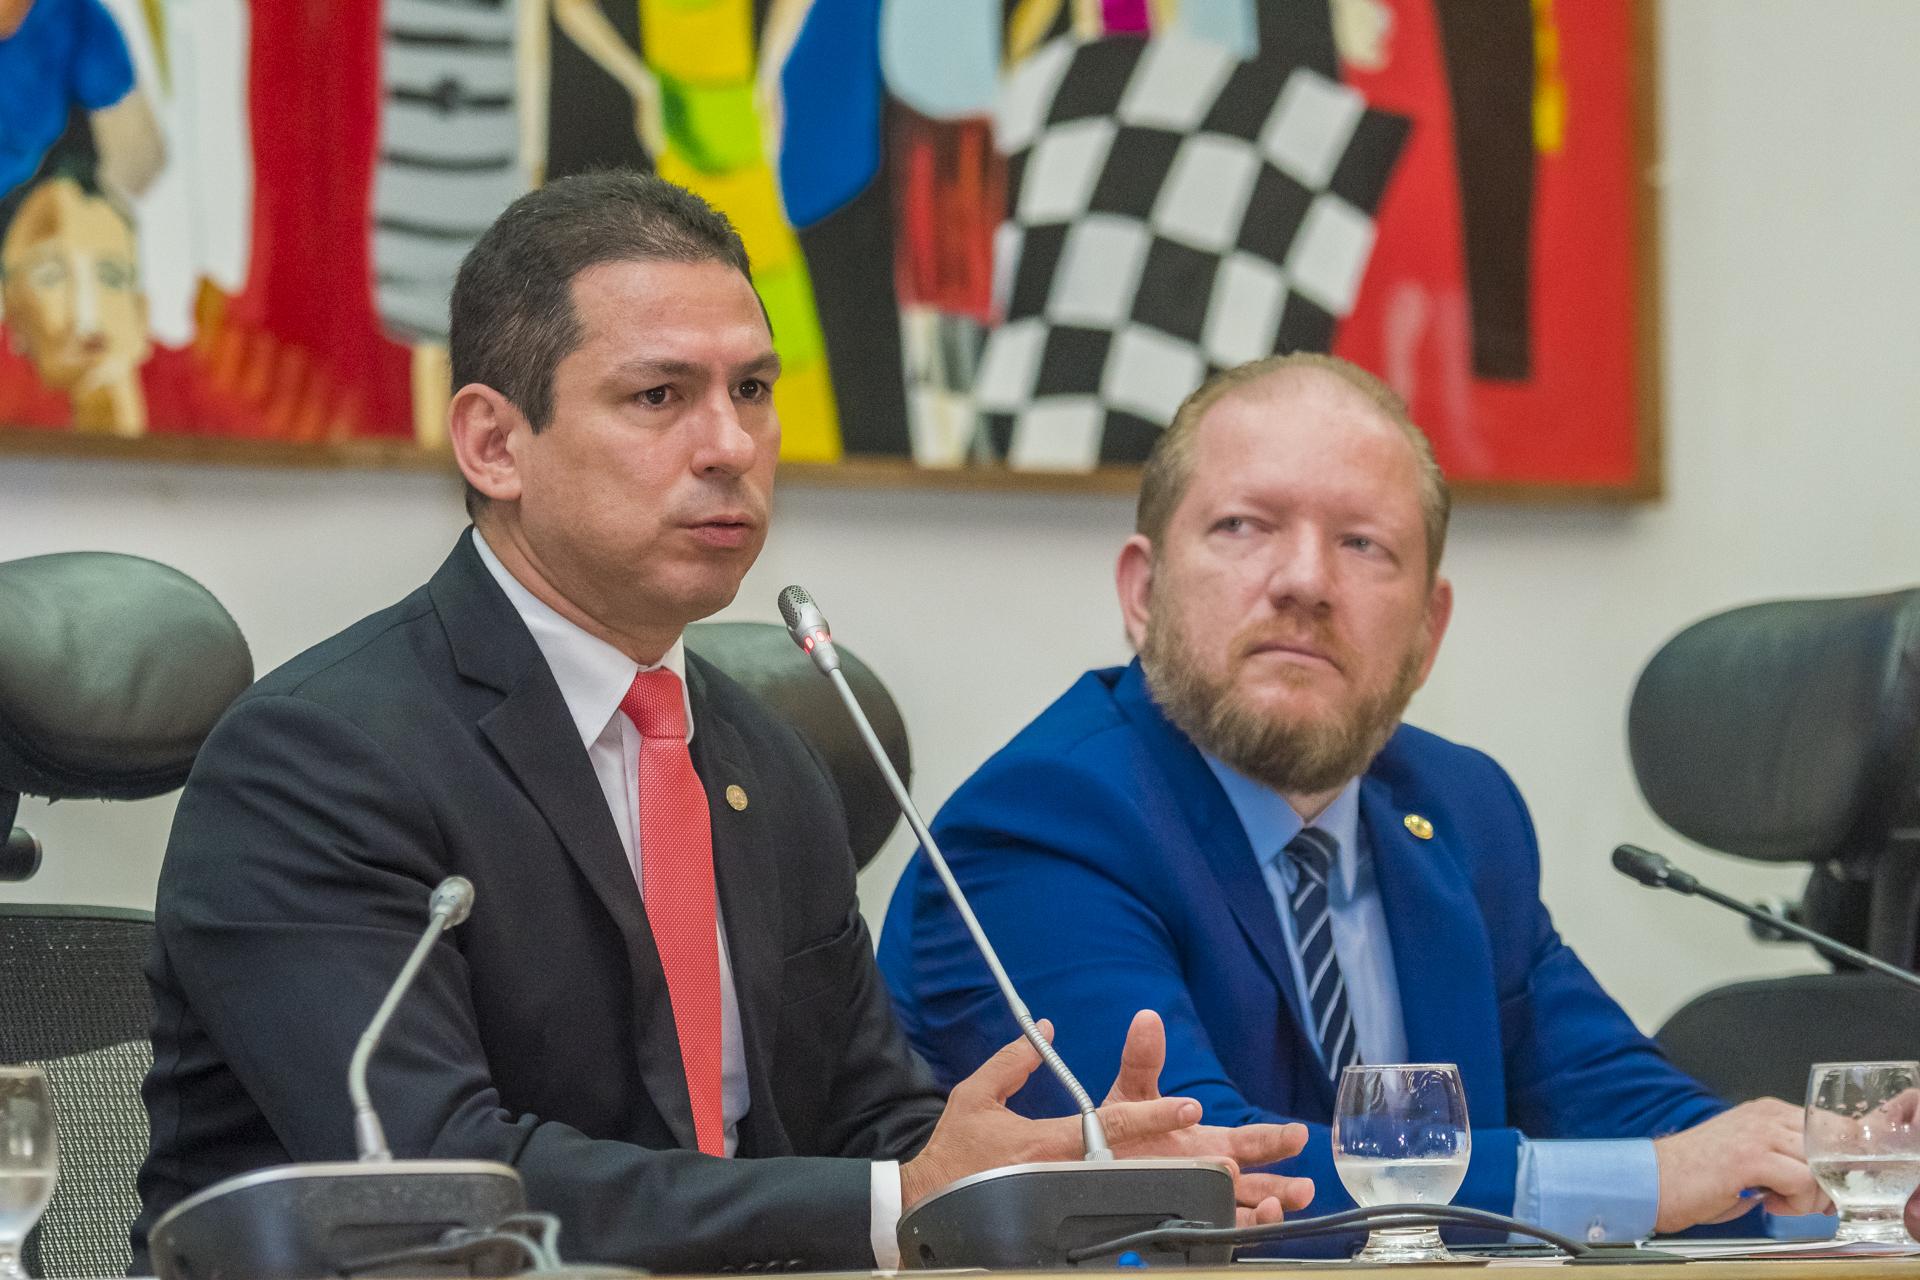 Reforma da previdência é discutida na Assembleia Legislativa do Maranhão